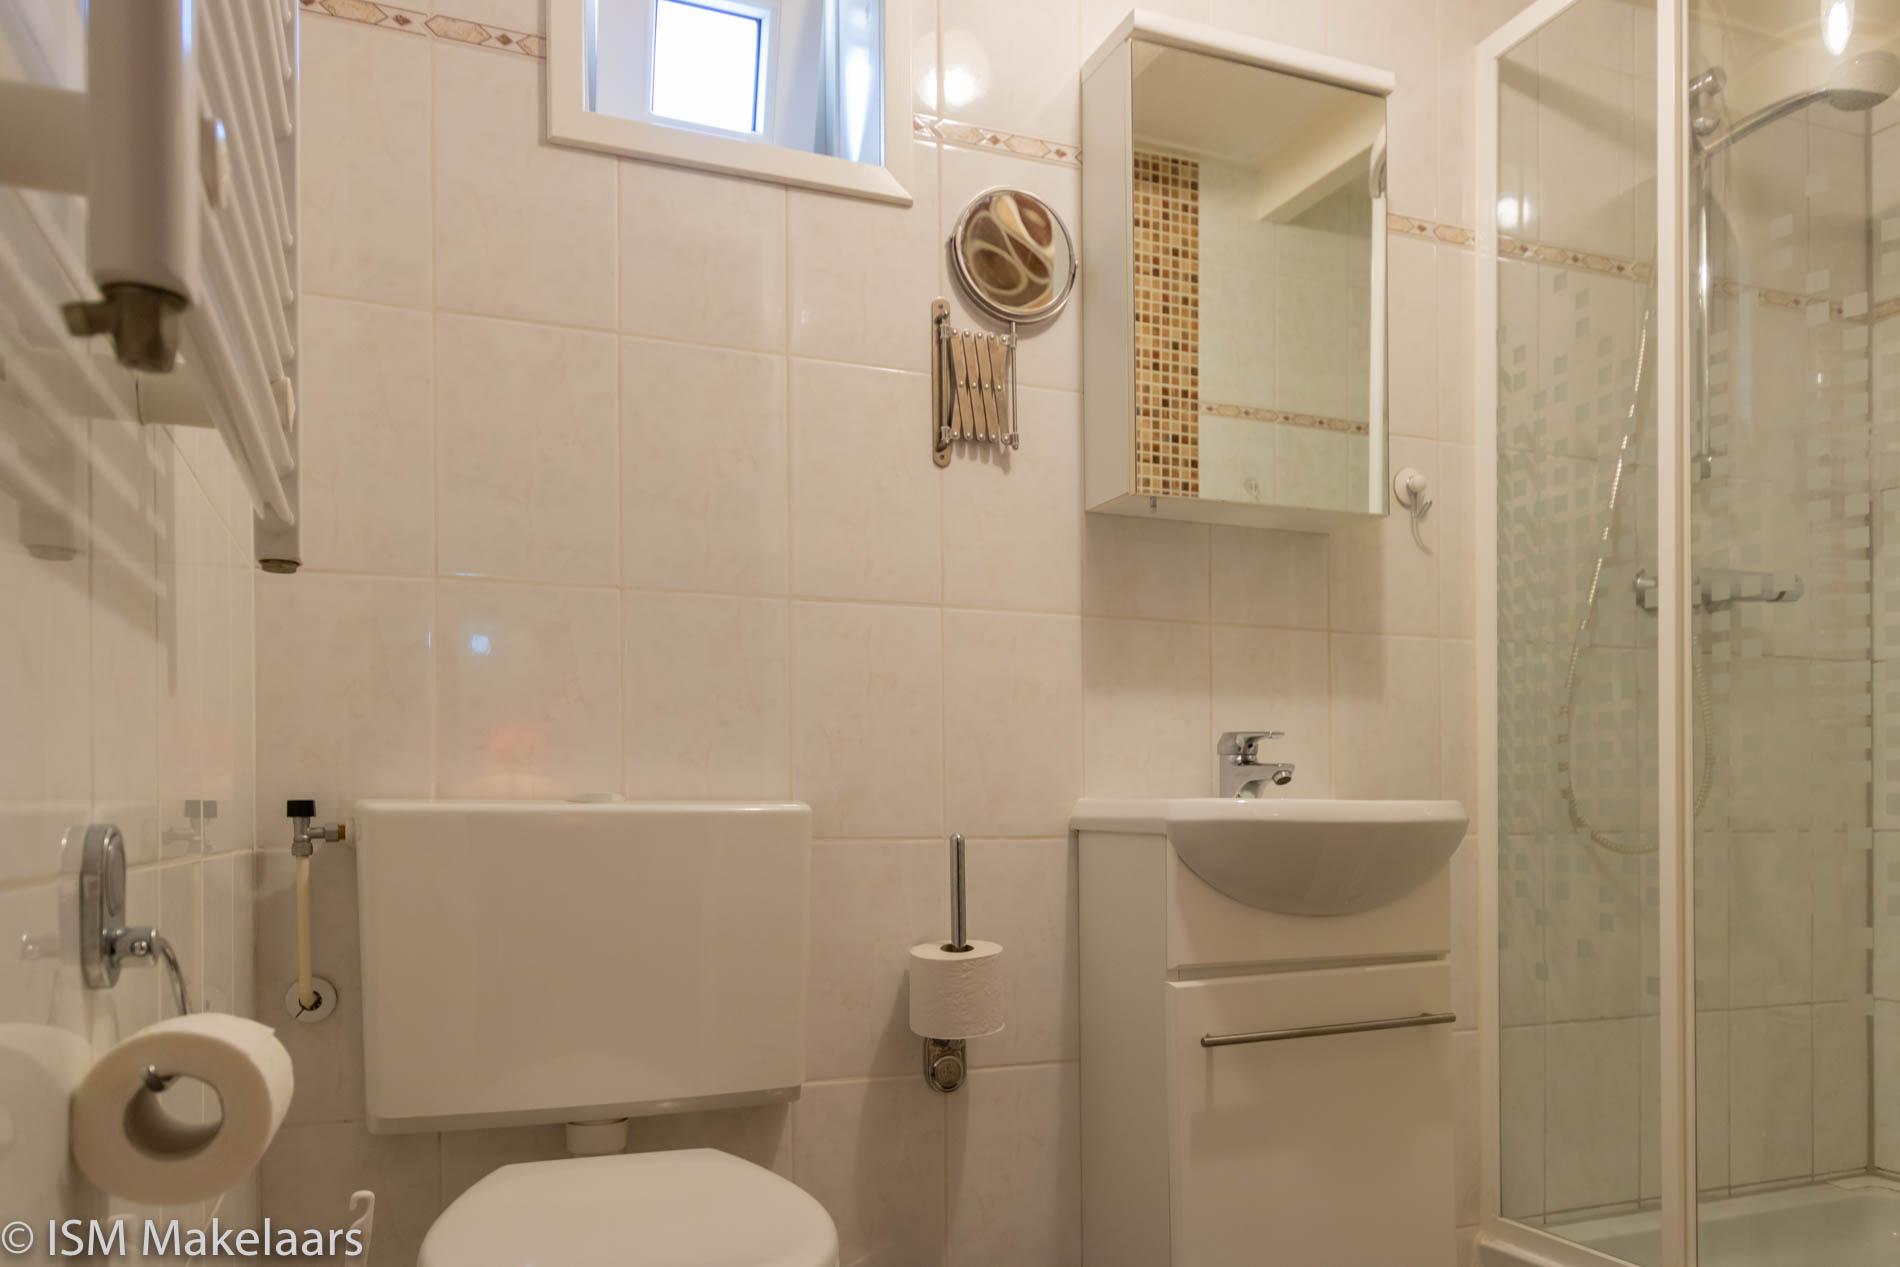 badkamer de spaier 3a zoutelande ism makelaars